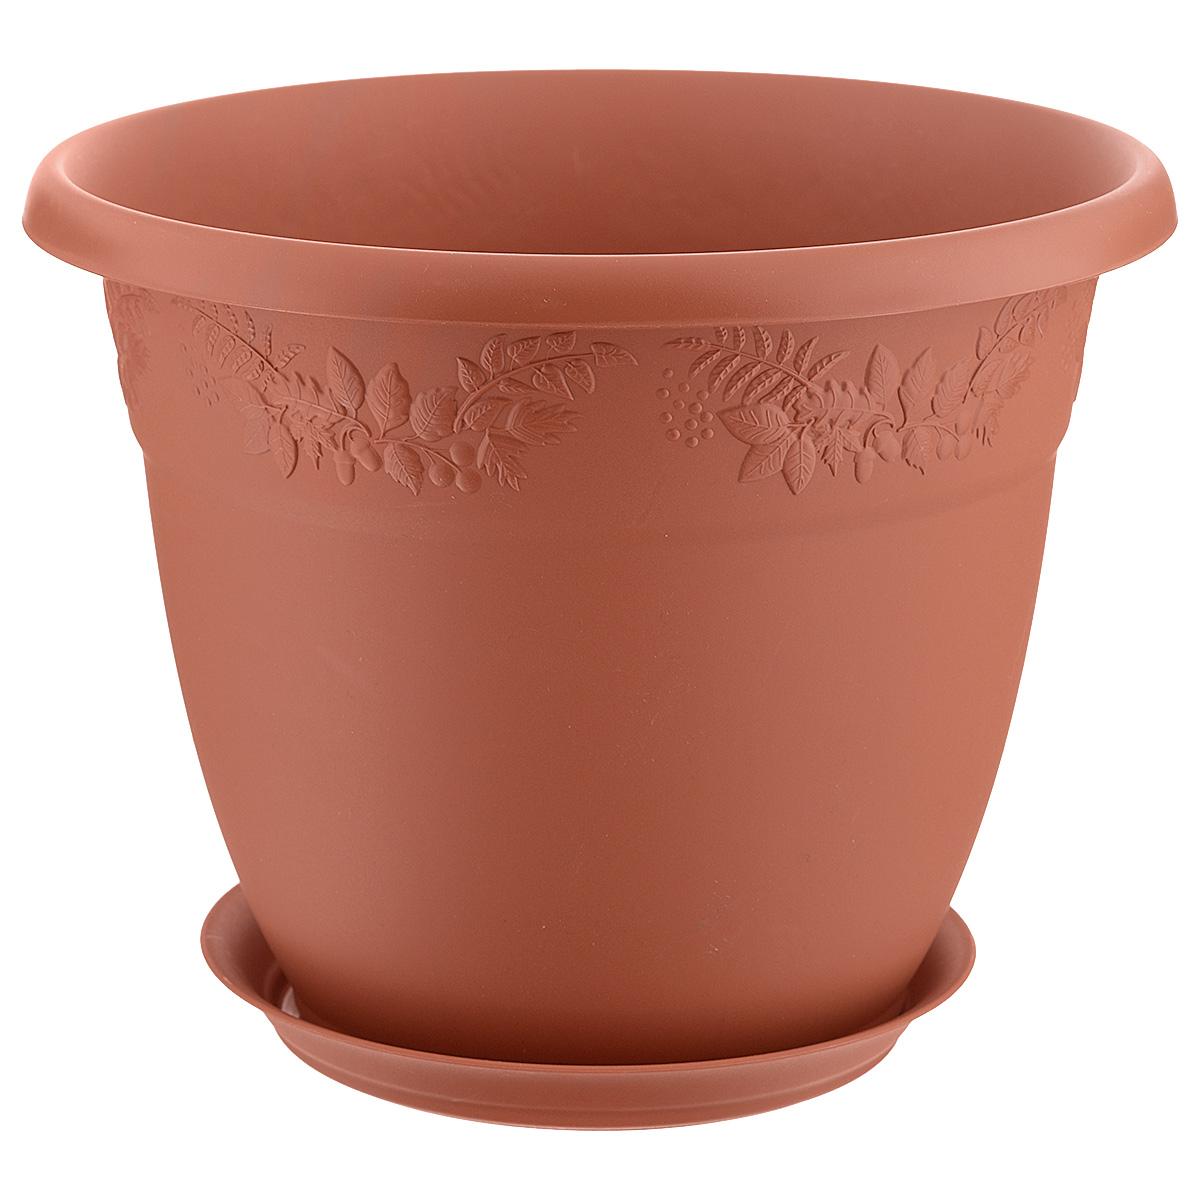 Кашпо Idea Рябина, с поддоном, цвет: терракотовый, 5 лМ 3056Кашпо Idea Рябина изготовлено из высококачественного полипропилена (пластика). Специальный поддон предназначен для стока воды. Изделие прекрасно подходит для выращивания растений и цветов в домашних условиях. Лаконичный дизайн впишется в интерьер любого помещения. Диаметр поддона: 17,5 см. Объем кашпо: 5 л. Диаметр кашпо по верхнему краю: 25 см. Высота кашпо: 20 см.